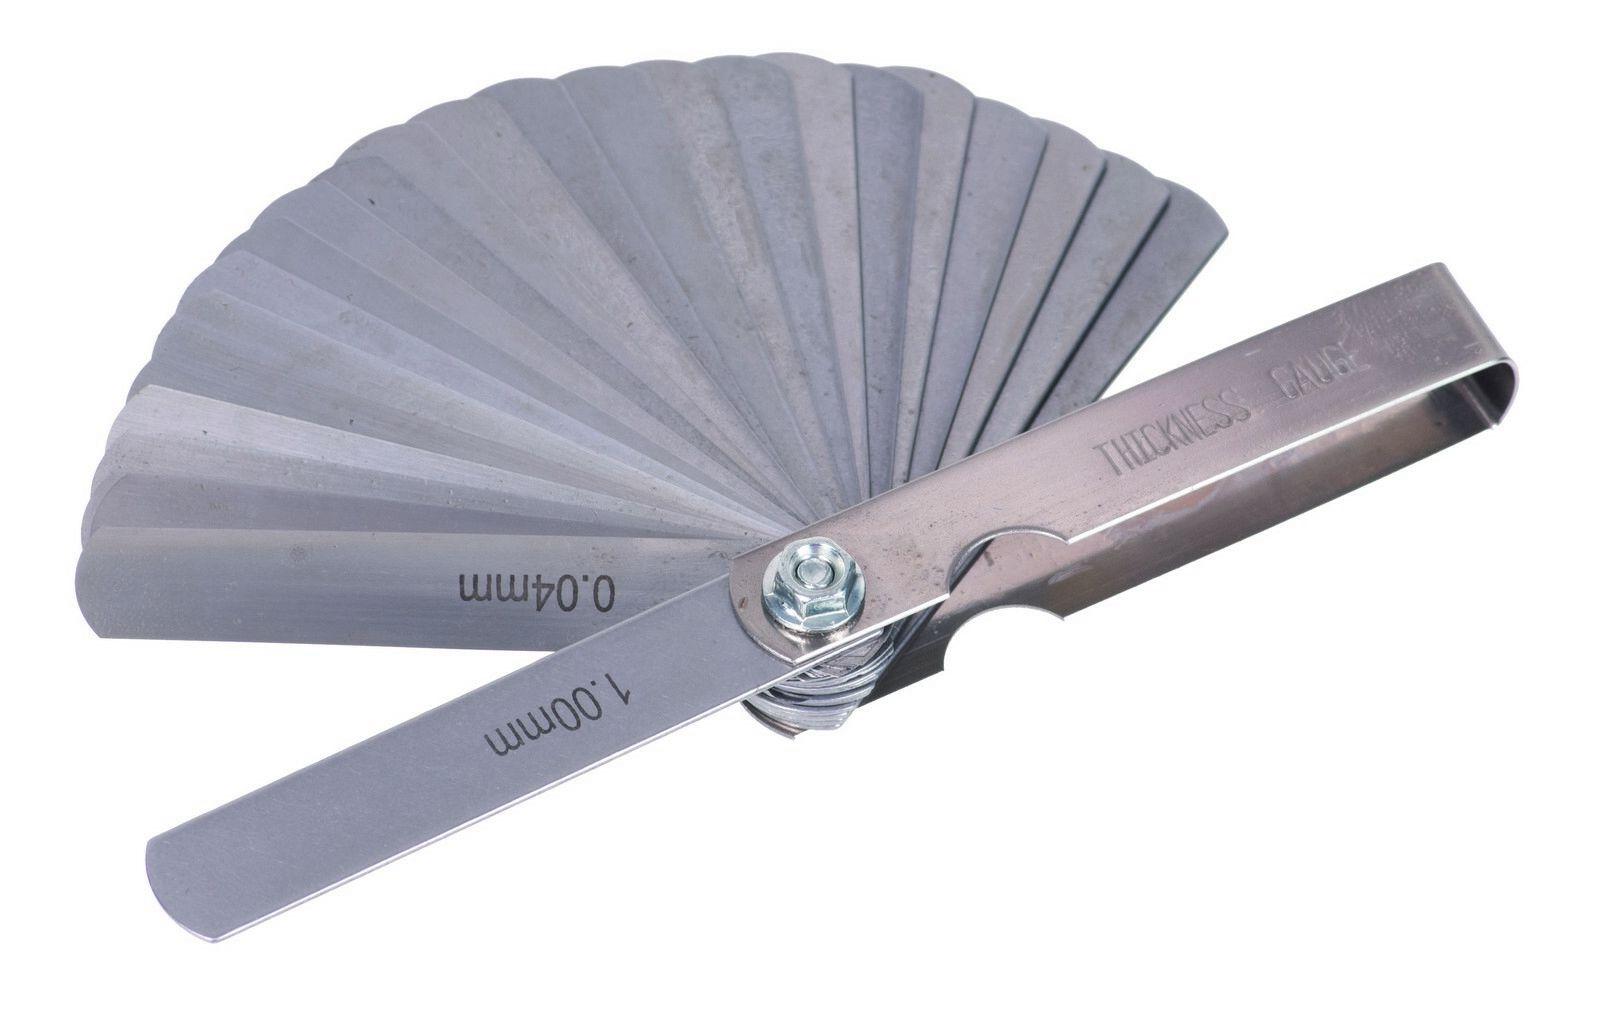 Ventilové (spárové) měrky, 25 kusů QUATROS